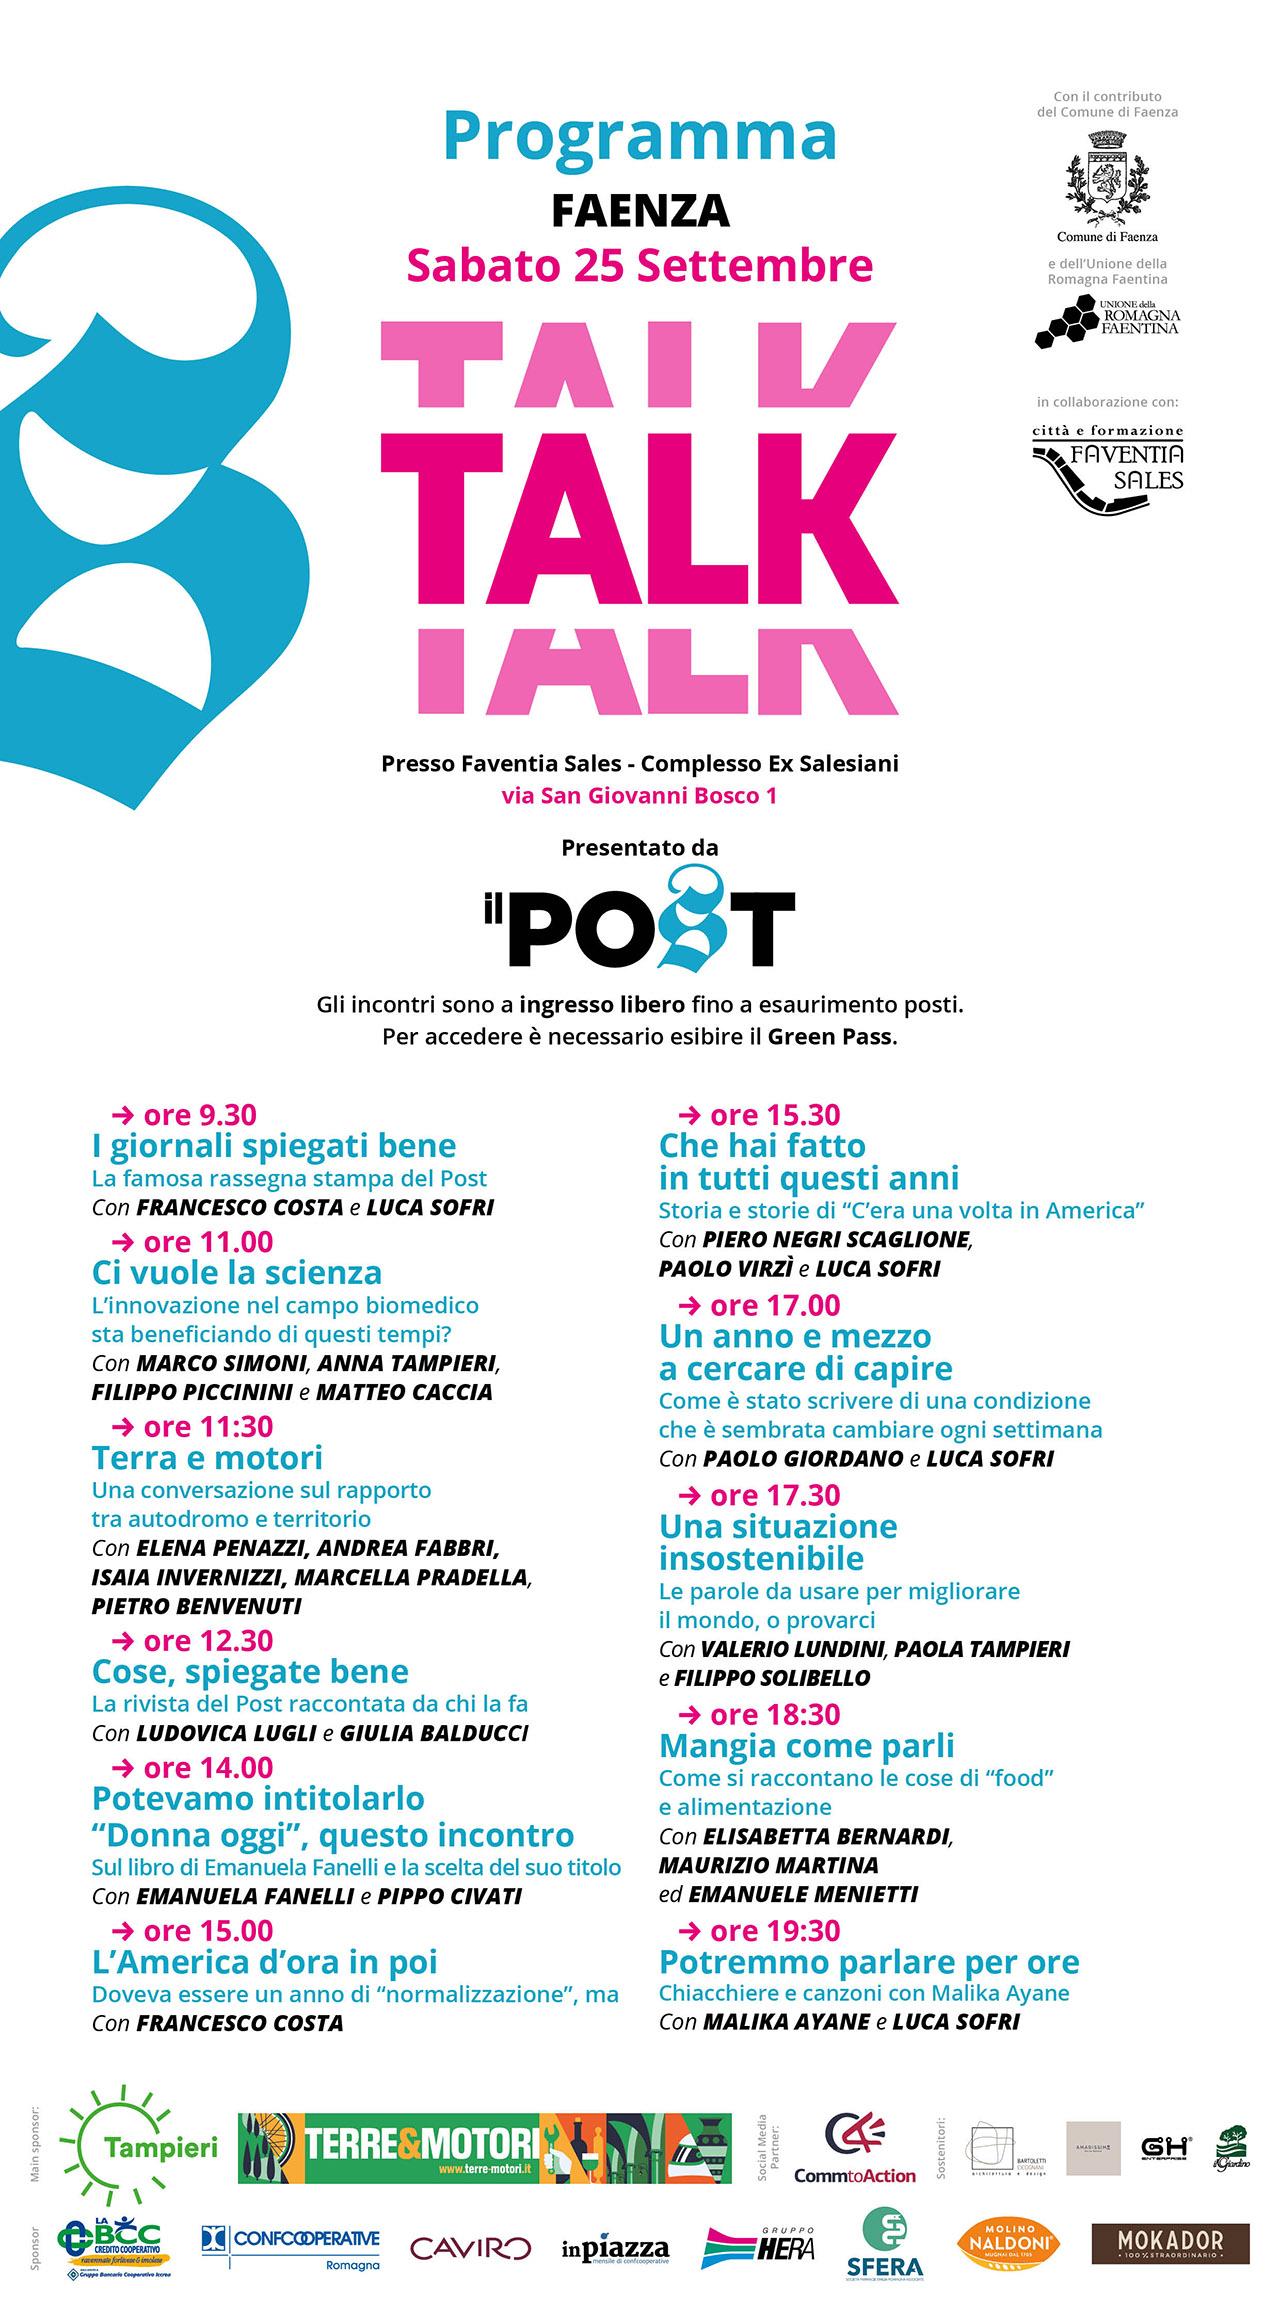 Talk_Programma_A4_R112